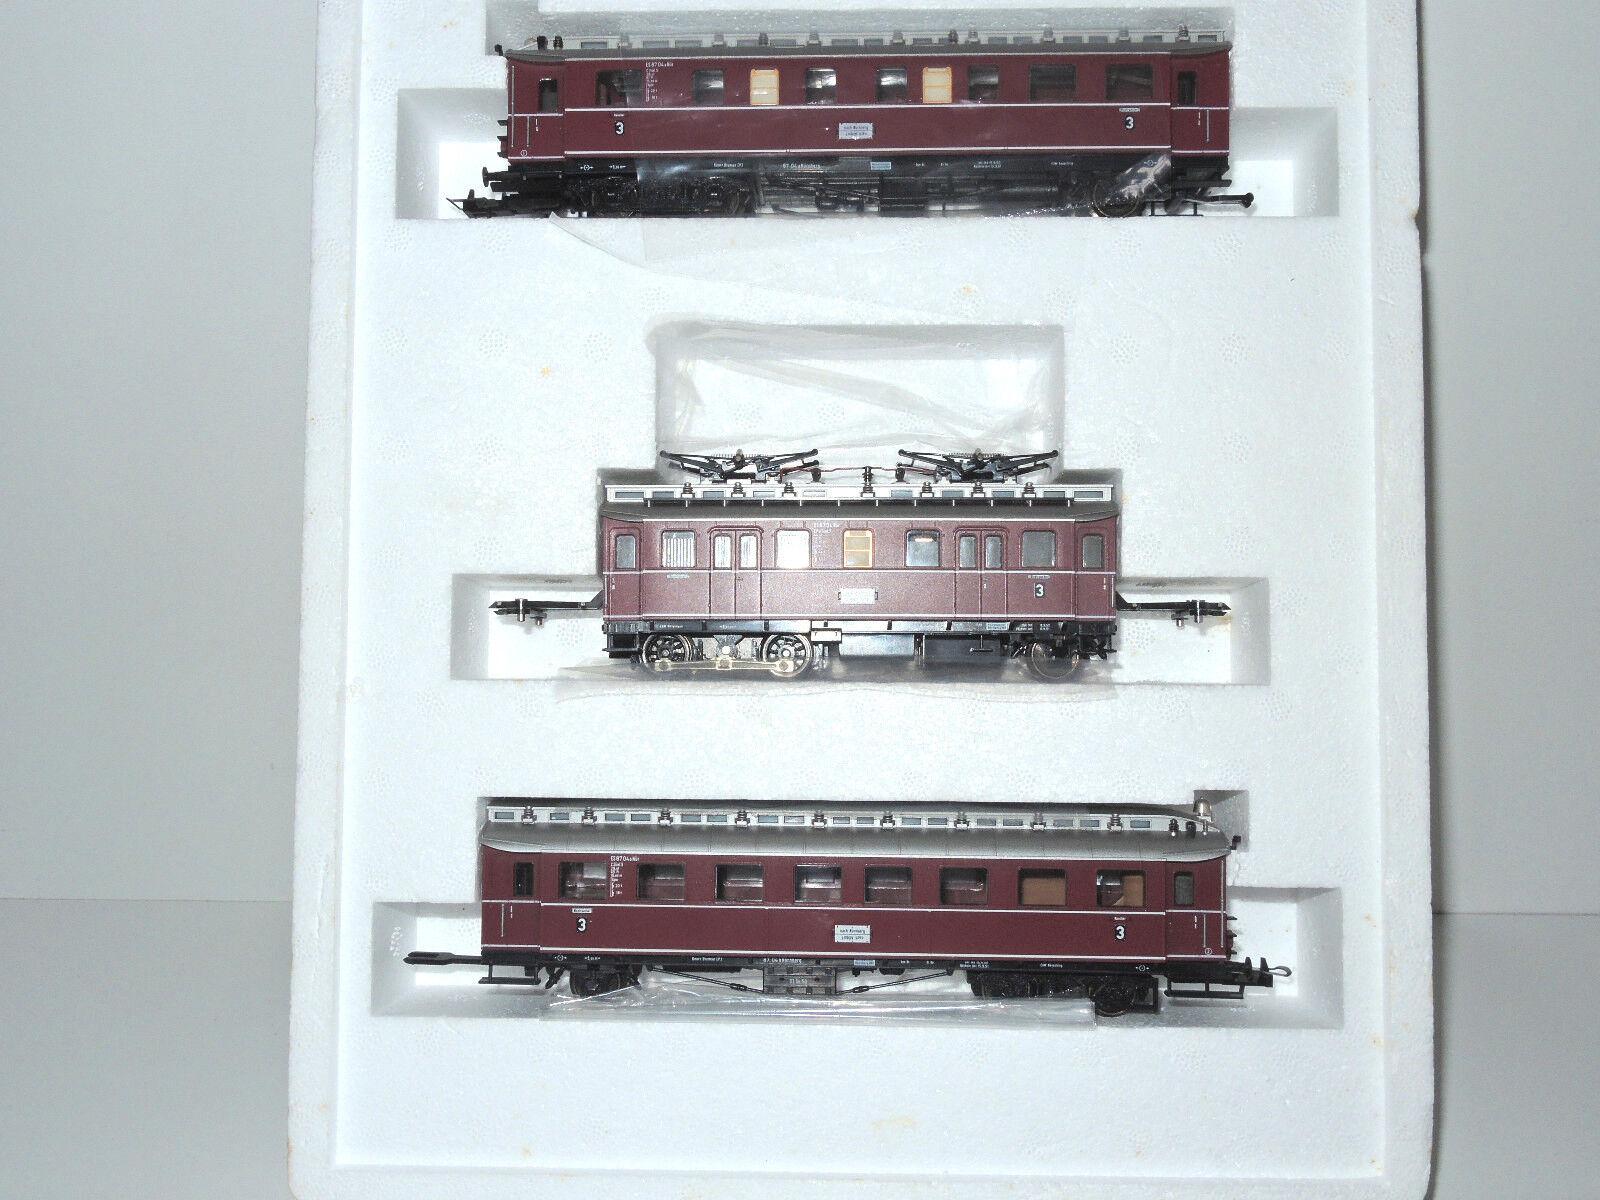 prezzi più convenienti Trix 22492 22492 22492 DB-trainante autorello-Treno. et 87, 3 pezzi, molto bene    OVP  godendo i tuoi acquisti